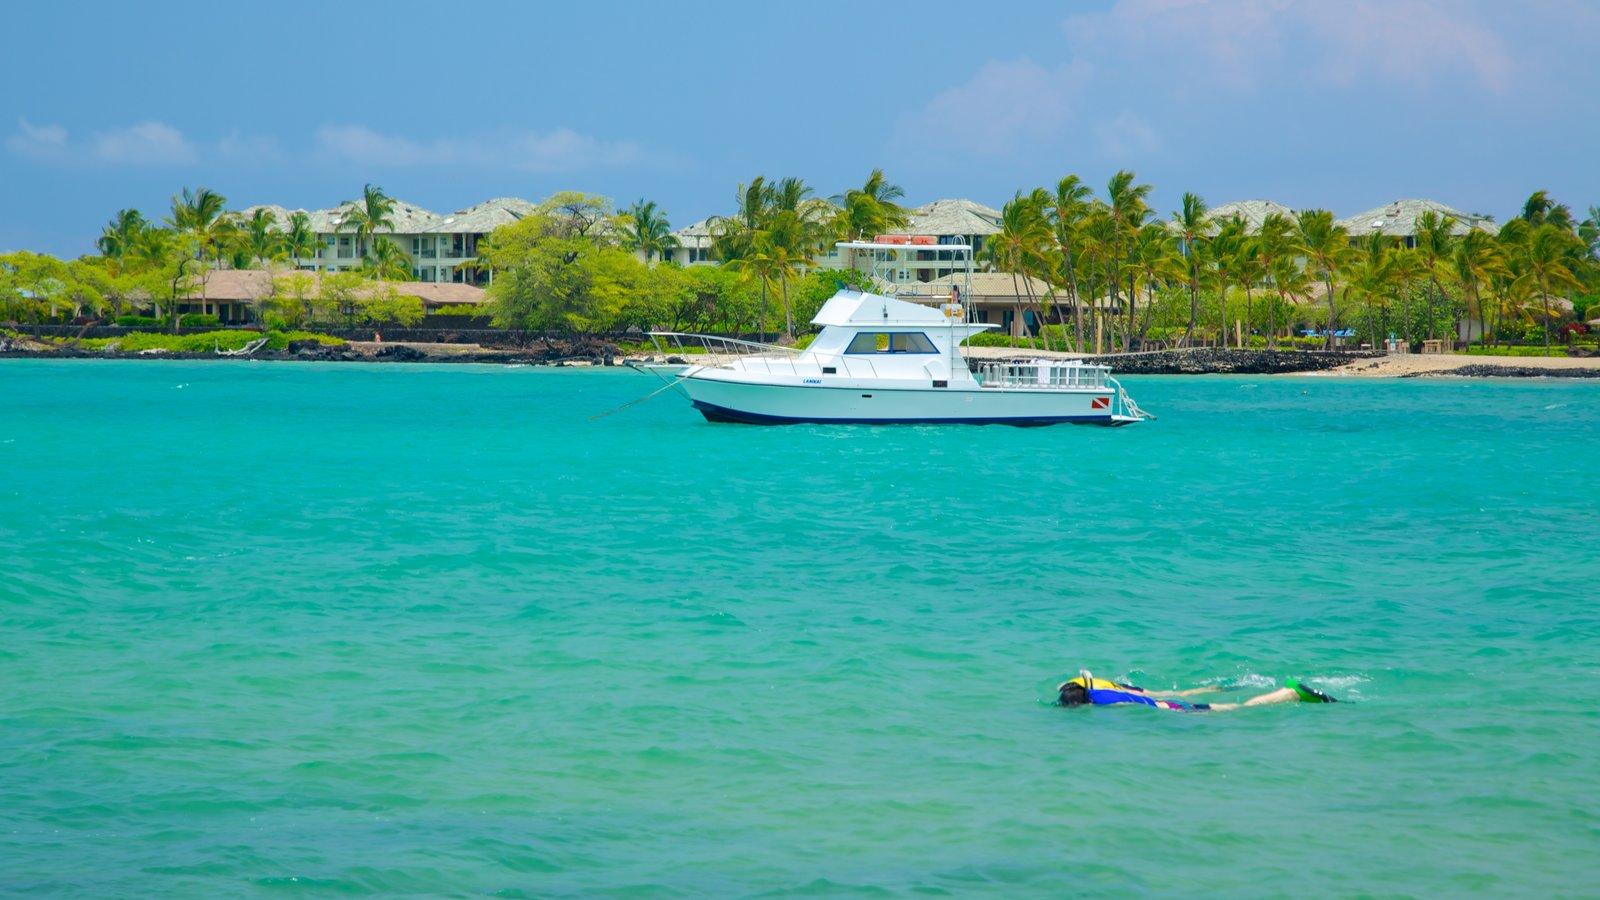 Havaí mostrando um hotel de luxo ou resort, canoagem e uma baía ou porto